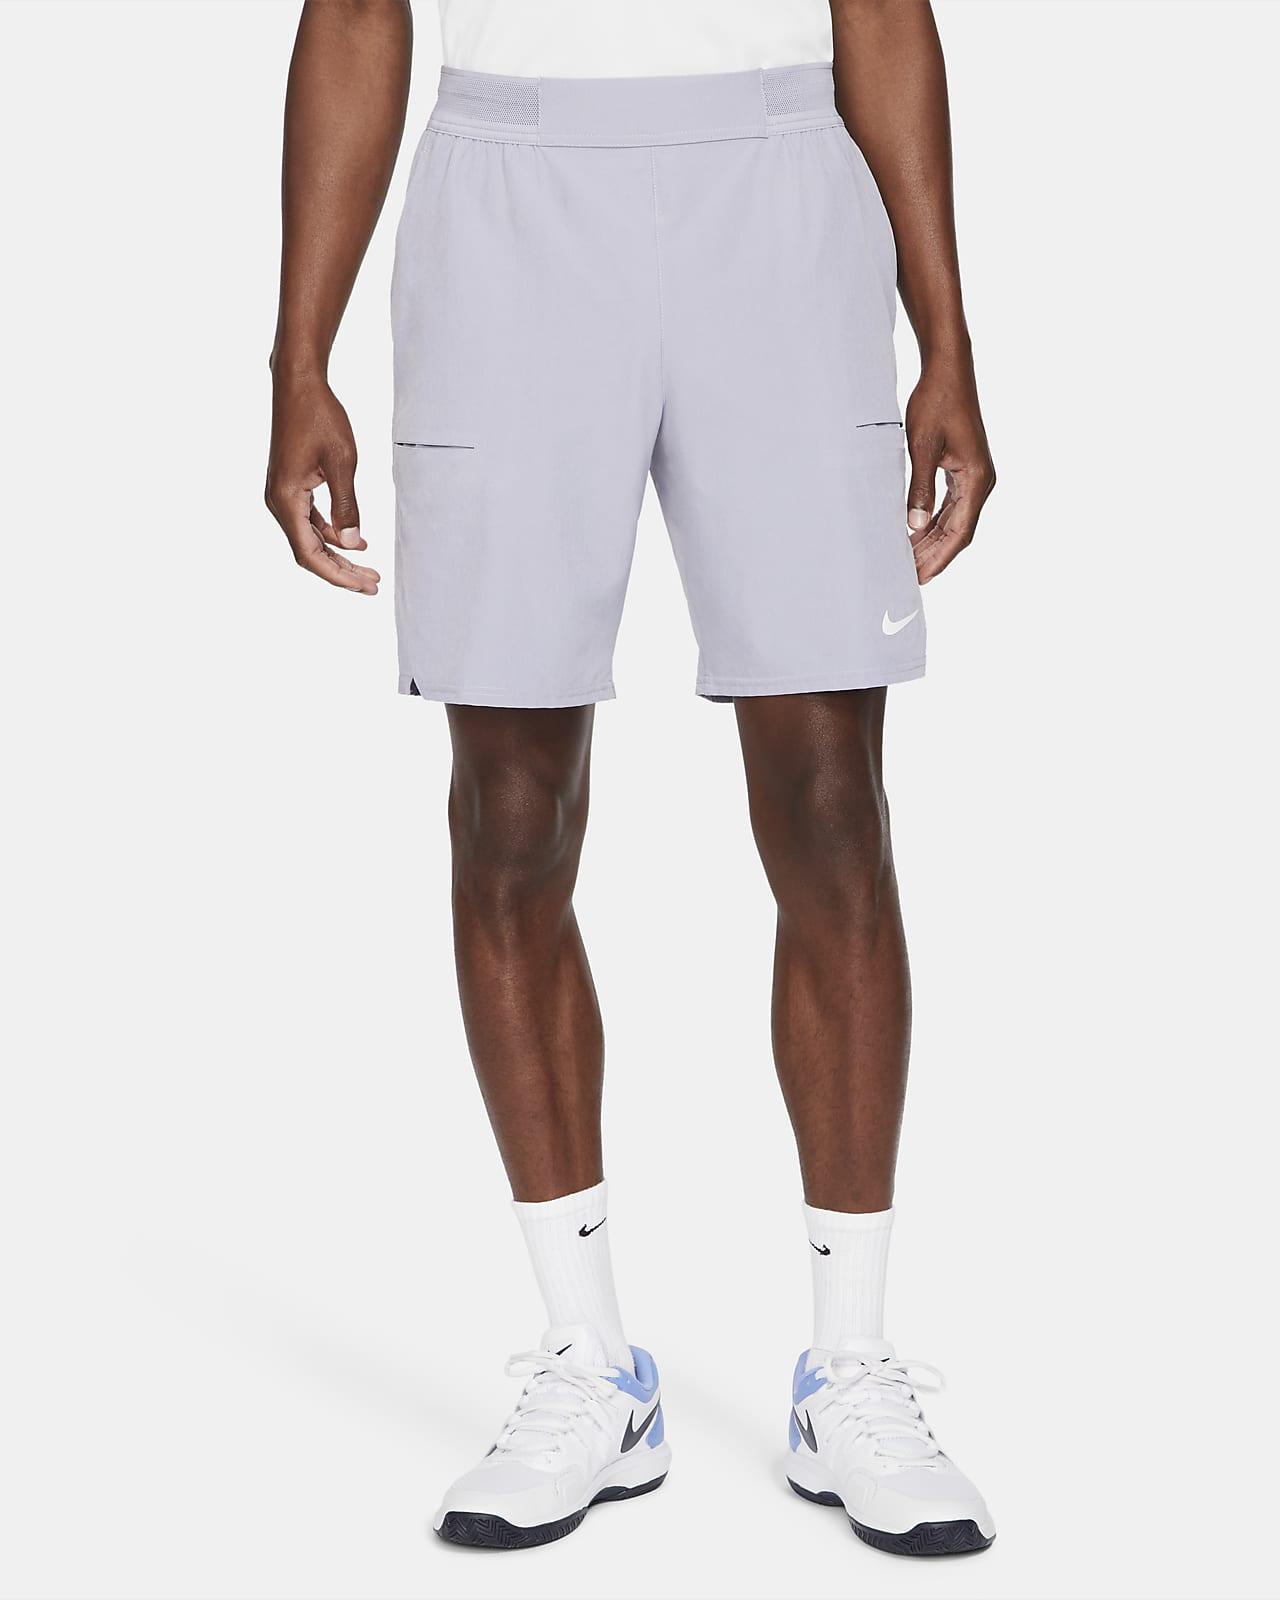 Shorts de tenis de 23 cm para hombre NikeCourt Dri-FIT Advantage